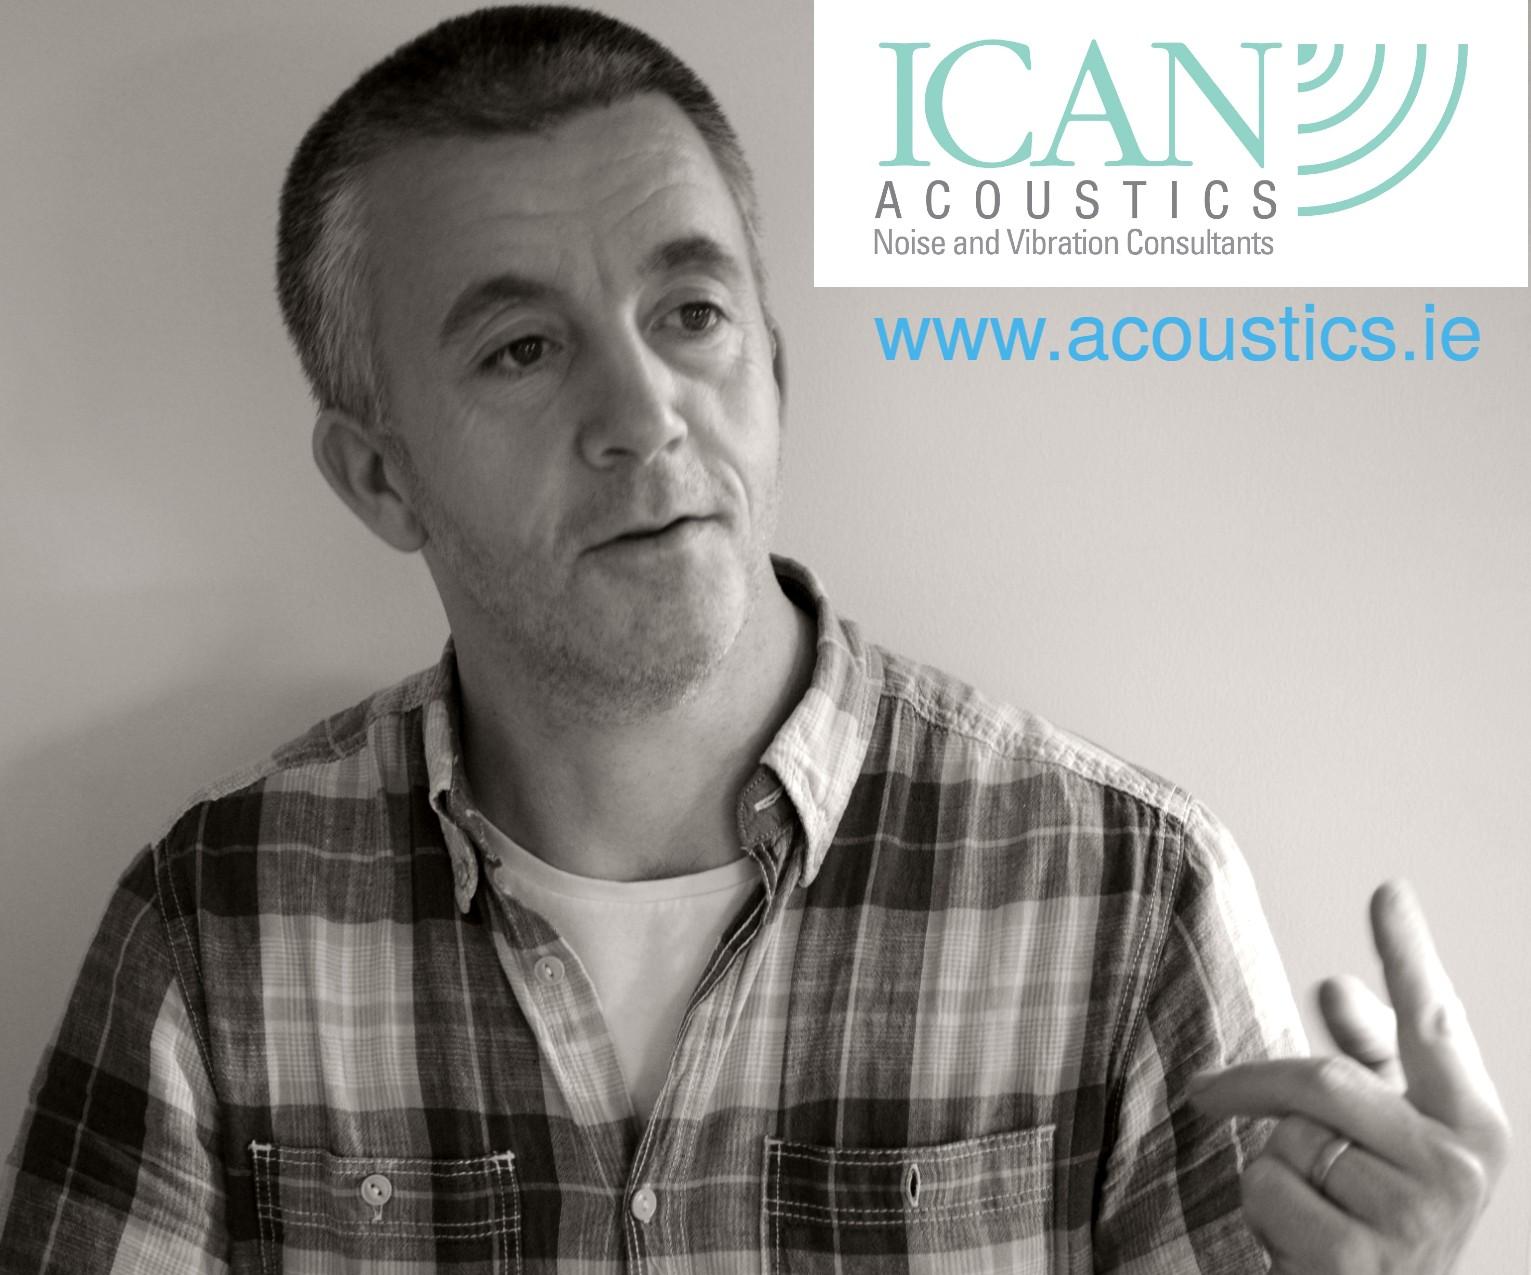 Diarmuid Keaney ICAN Acoustics